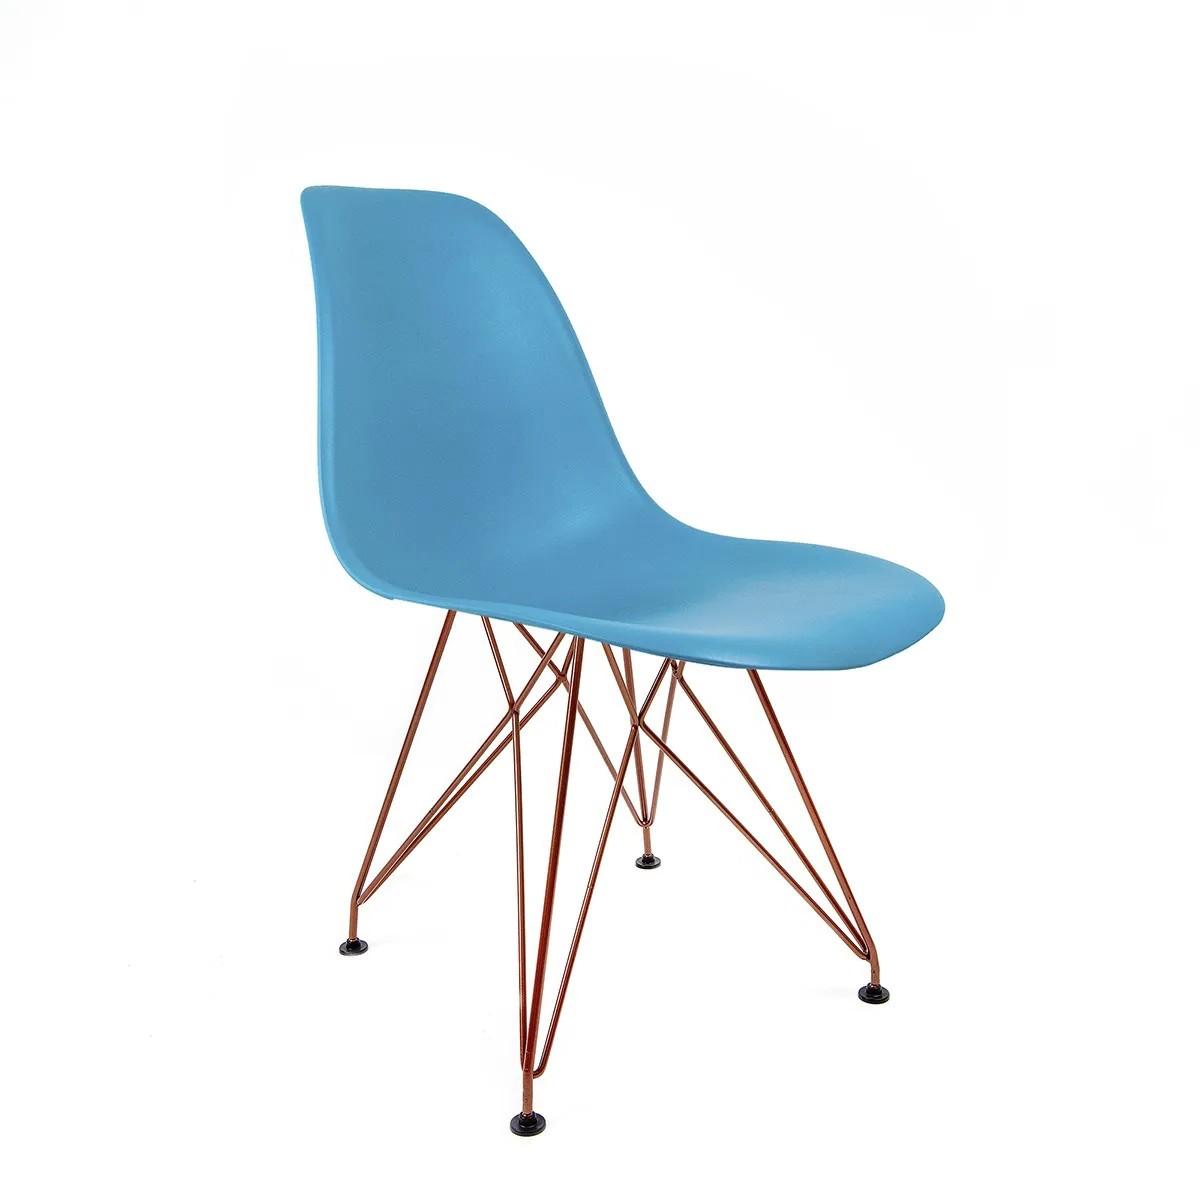 Cadeira Eames Azul TurqueSa - Base Eiffel Cobre